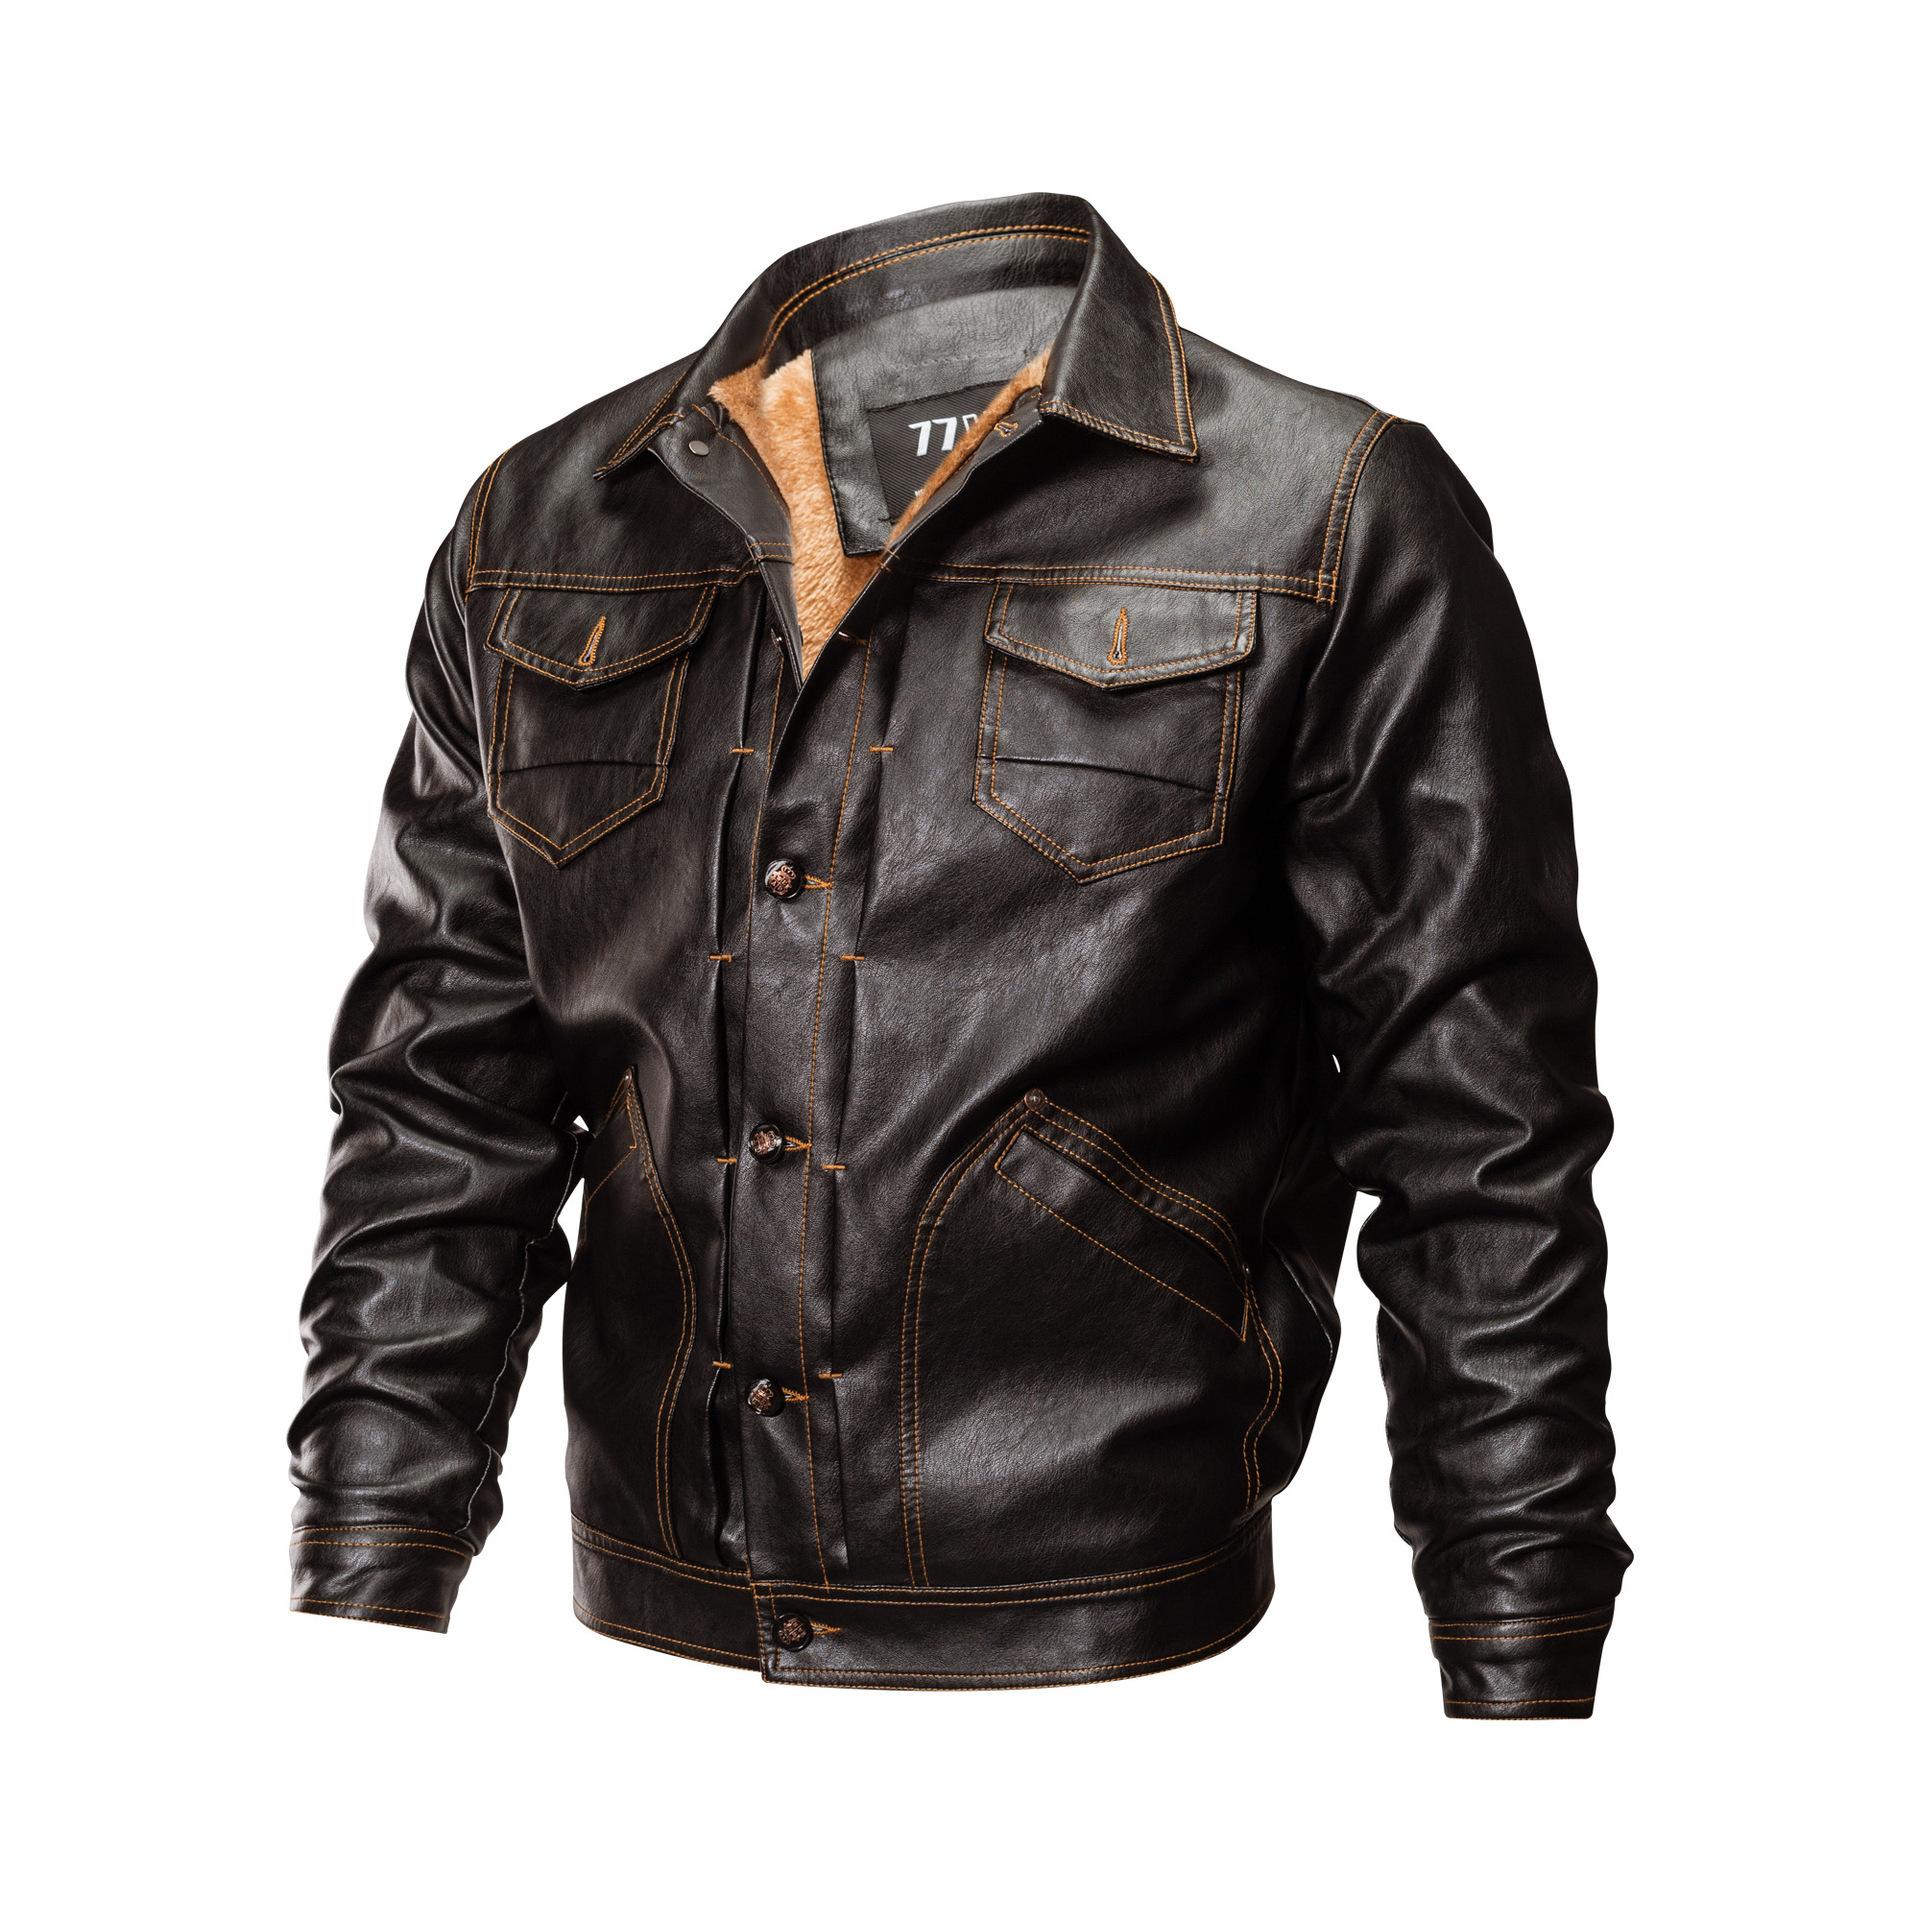 Áo khoác 18 áo khoác da ngoại thương xuyên biên giới áo khoác mùa thu cộng với nhung dày lên nhiều t